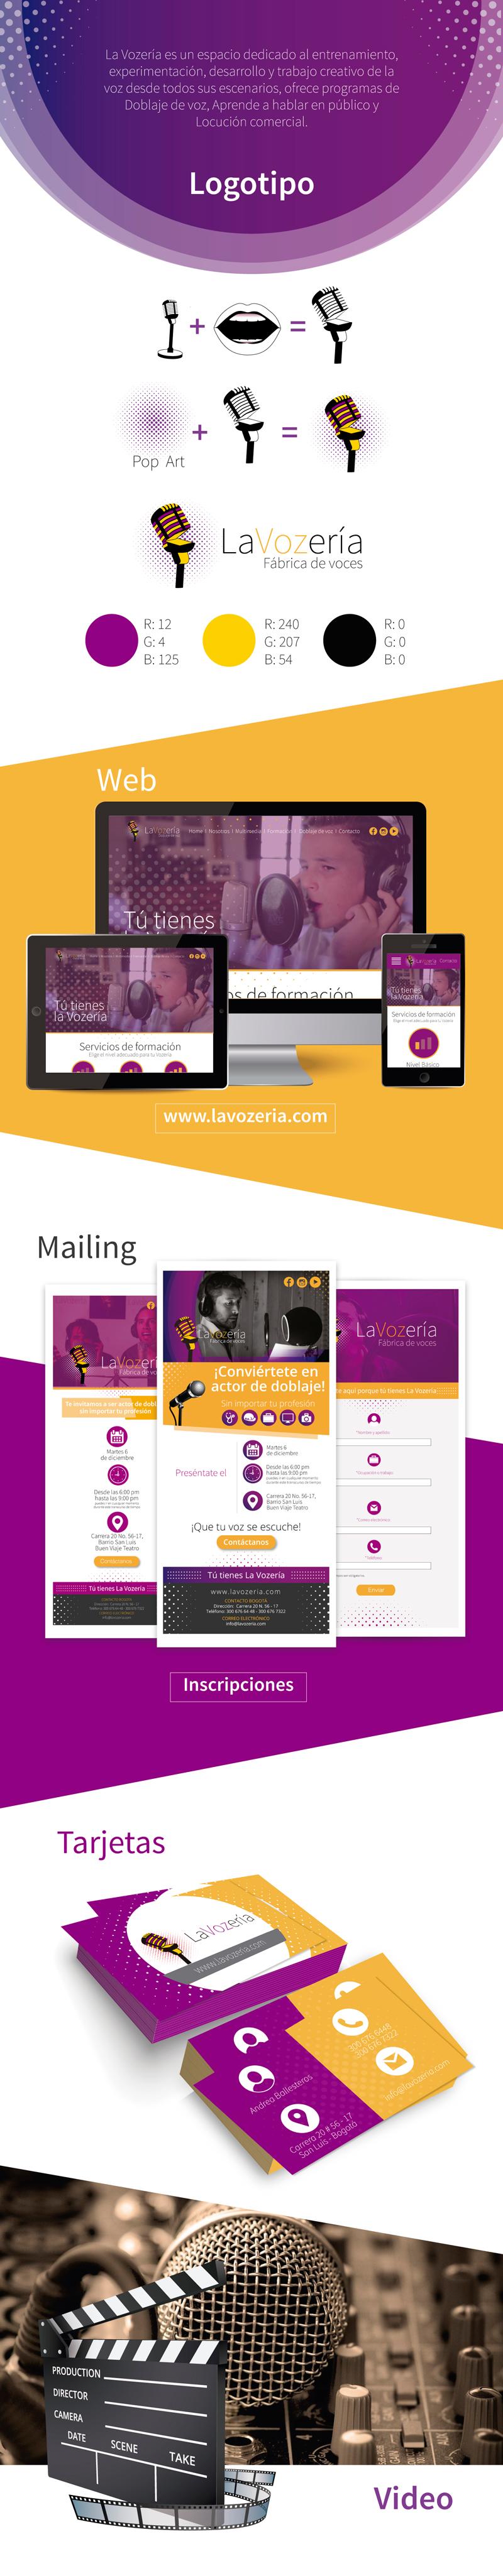 Diseño web -Diseño Gráfico - Social Media